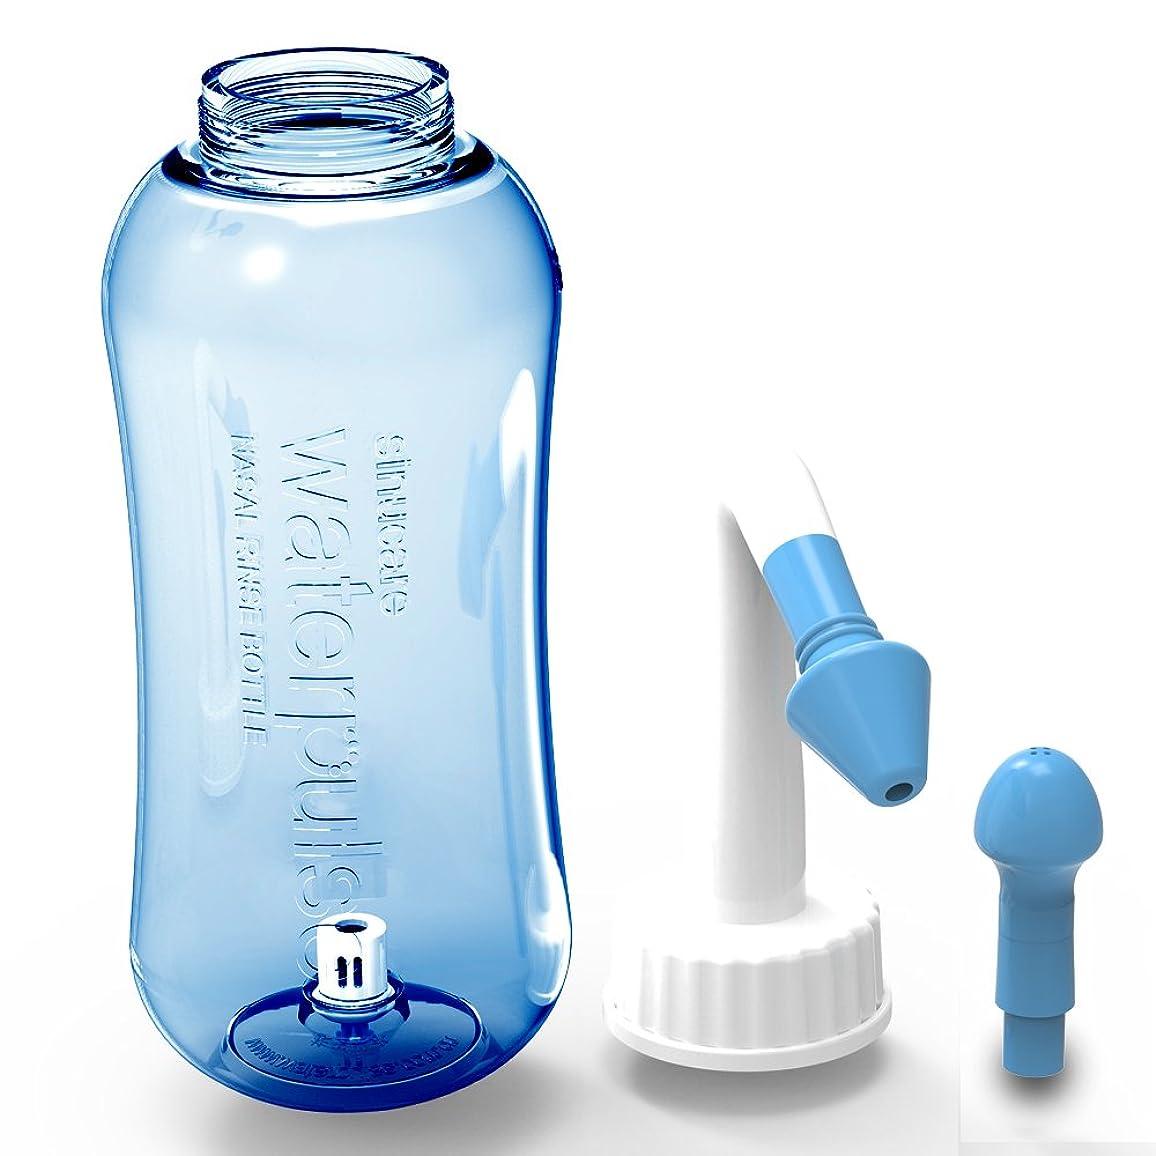 不利益確率乱暴なLoboo Idea 鼻洗浄ボトル 鼻洗い 鼻炎 花粉症 鼻づまり 予防対策 すっきり鼻うがい 鼻クリーン ハナクリーニング ノーズシャワー ネティポット 簡単痛くない … (300ML, Blue)